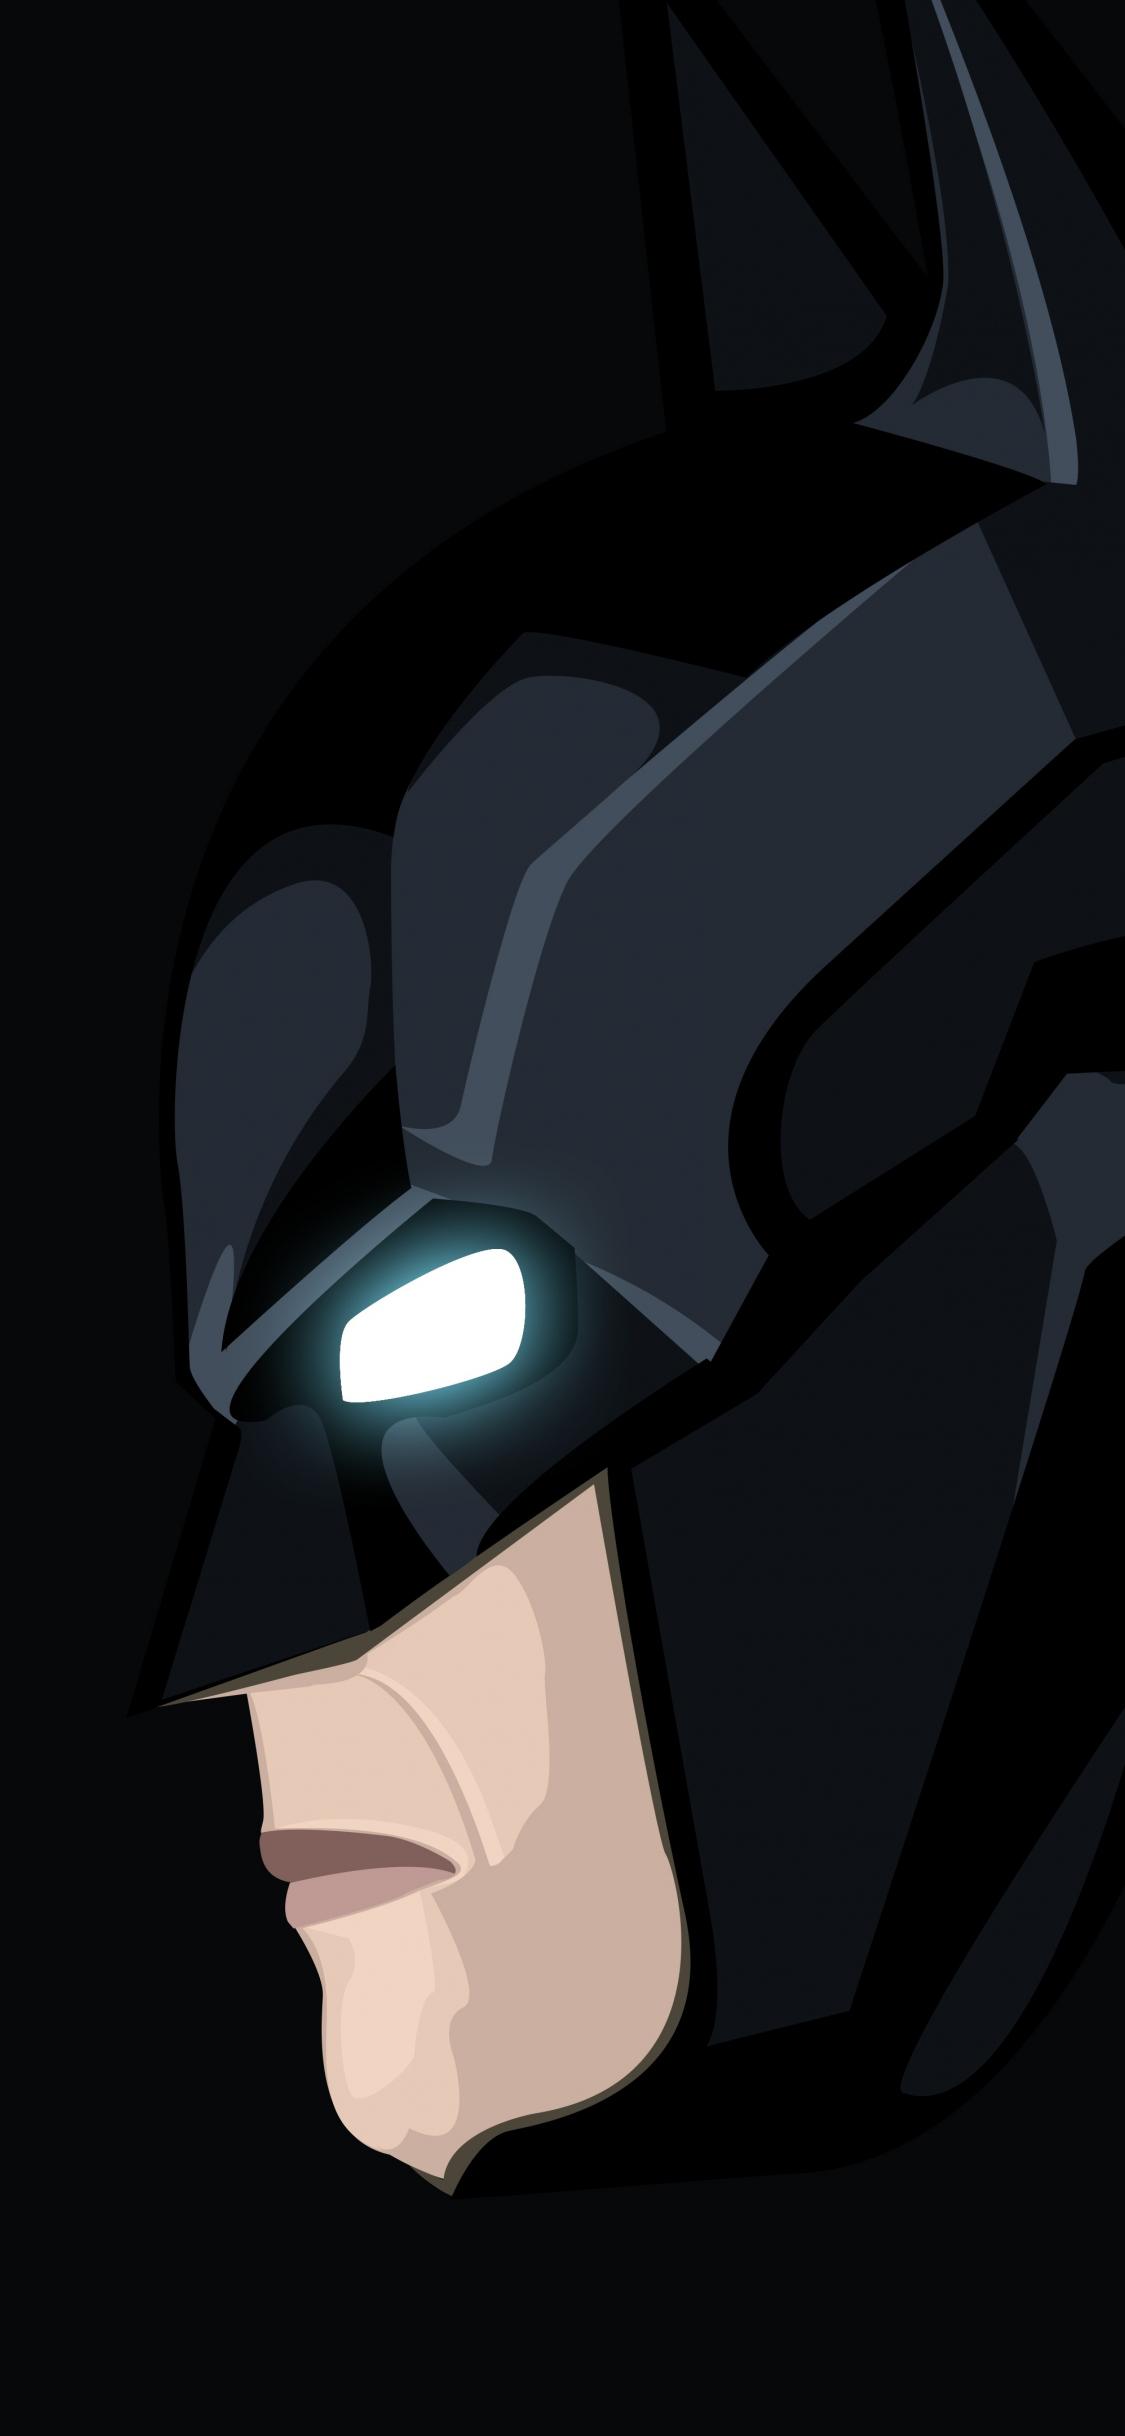 Download 1125x2436 Wallpaper Dark Knight Batman Minimal Art